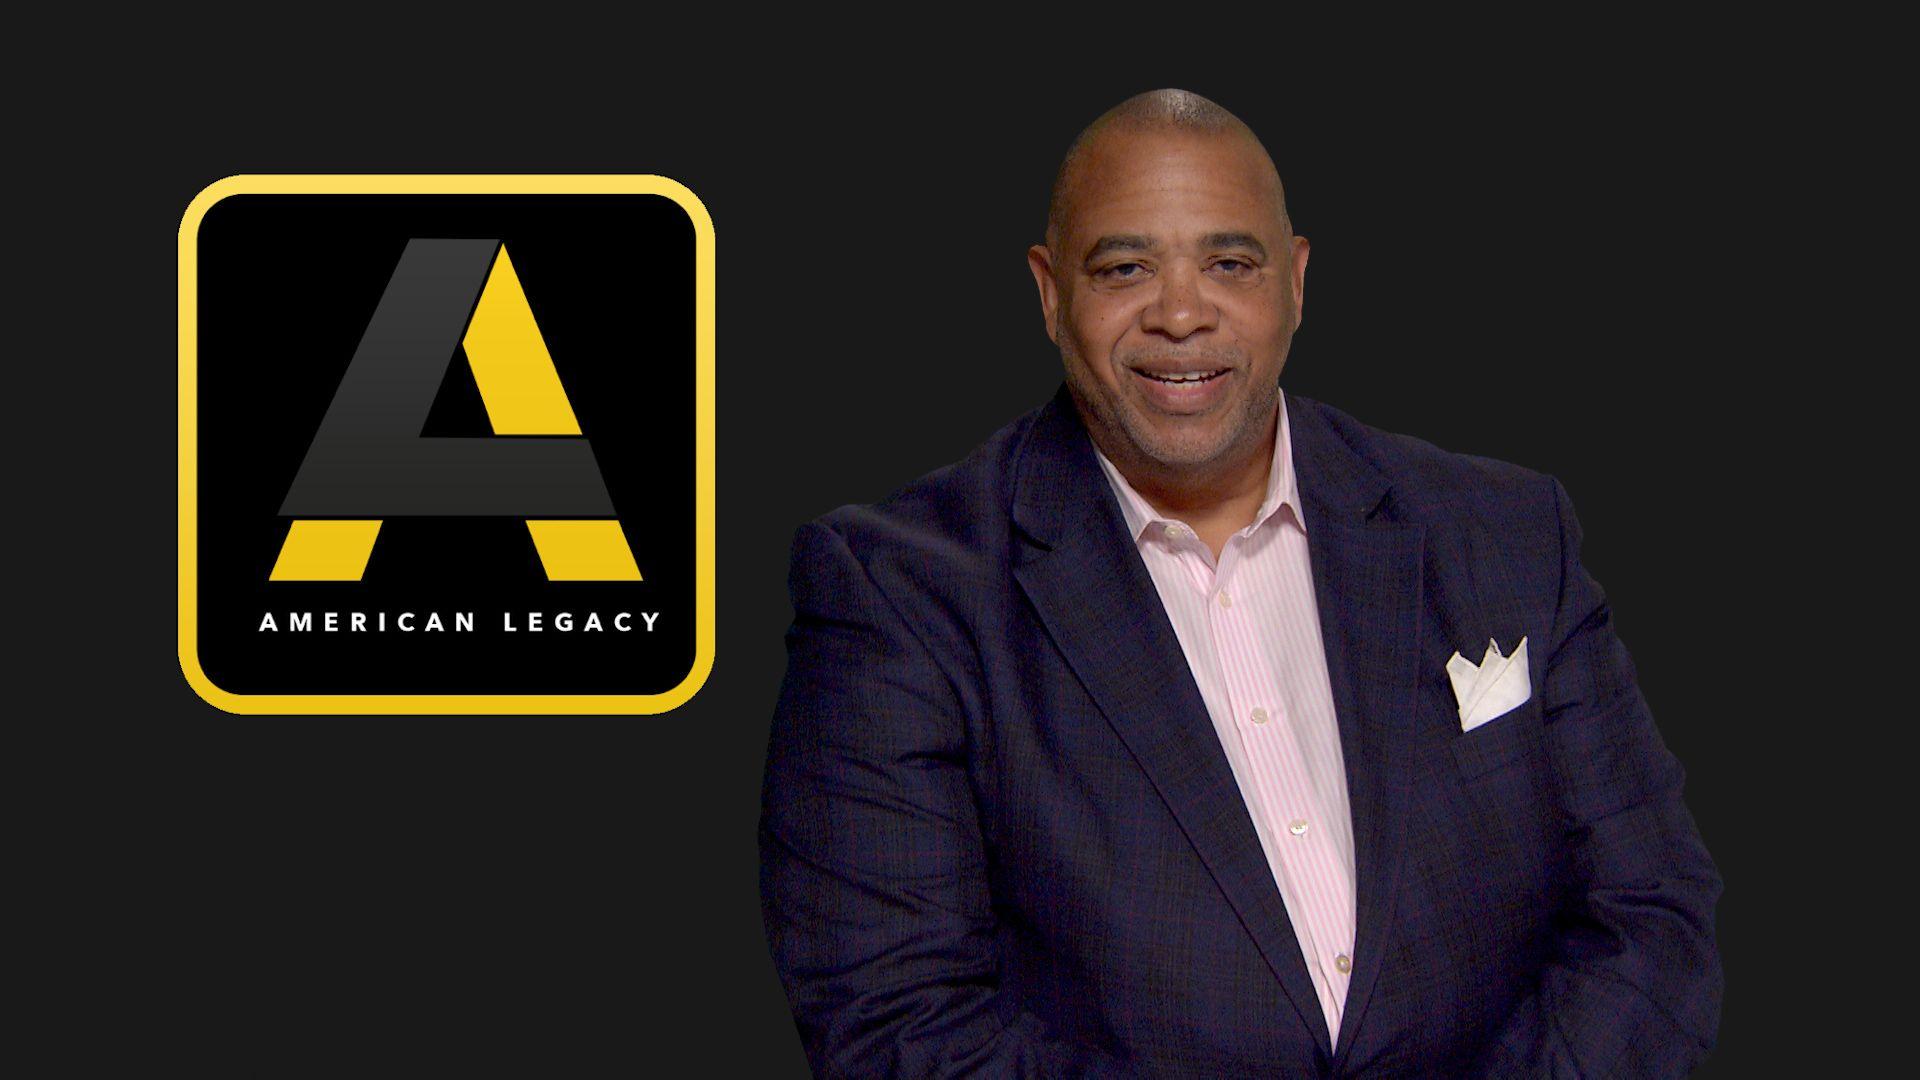 Rodney J. Reynolds, ALN Founder